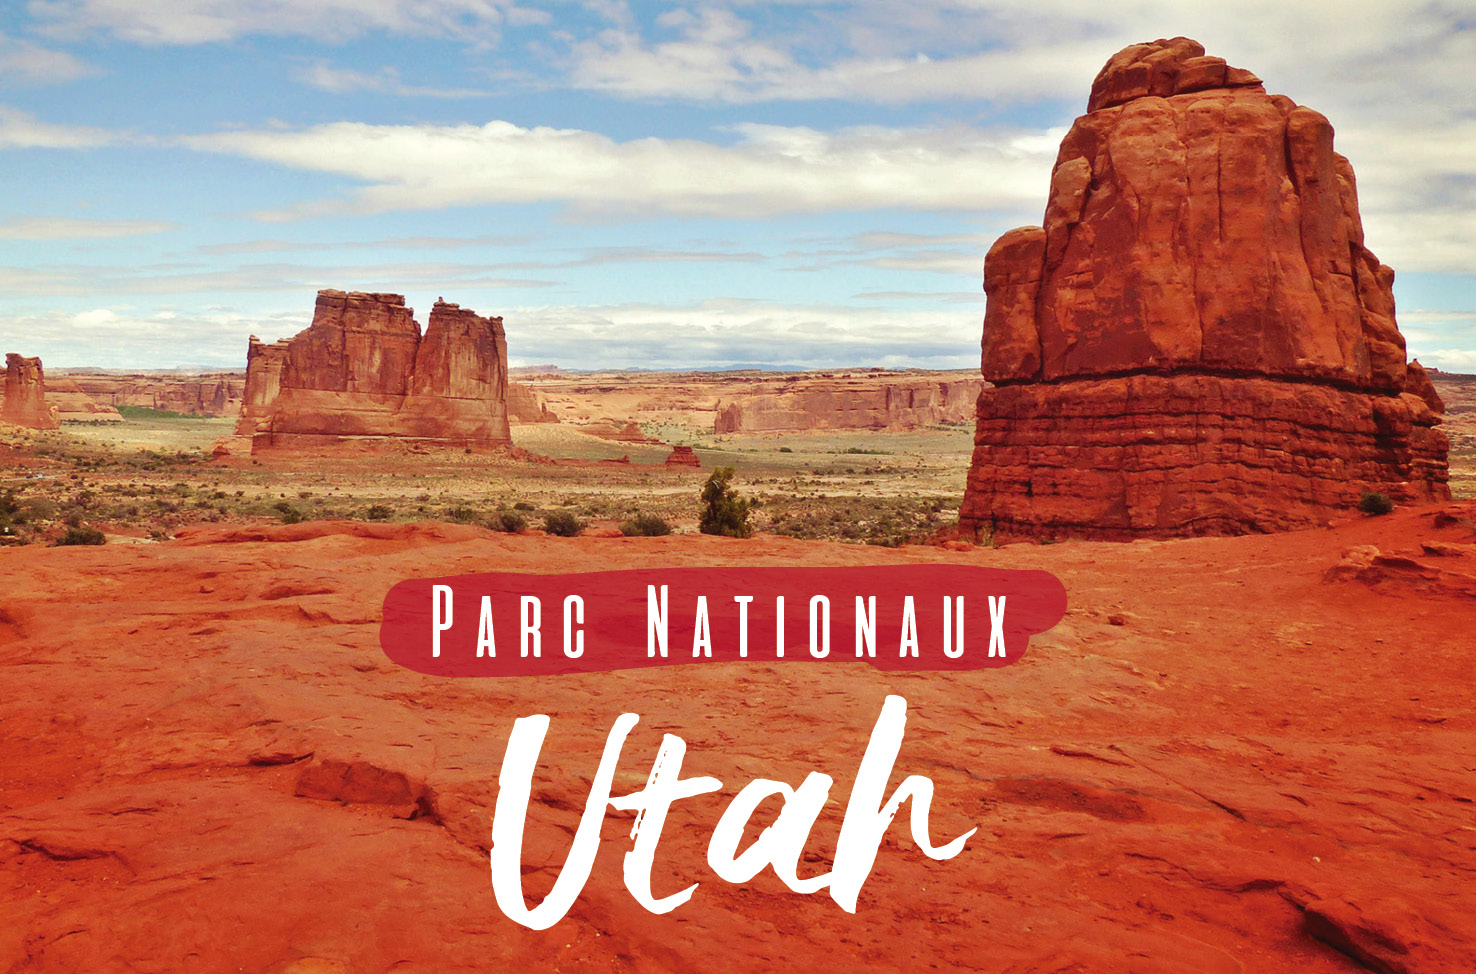 Les parcs nationaux de l'Utah usa